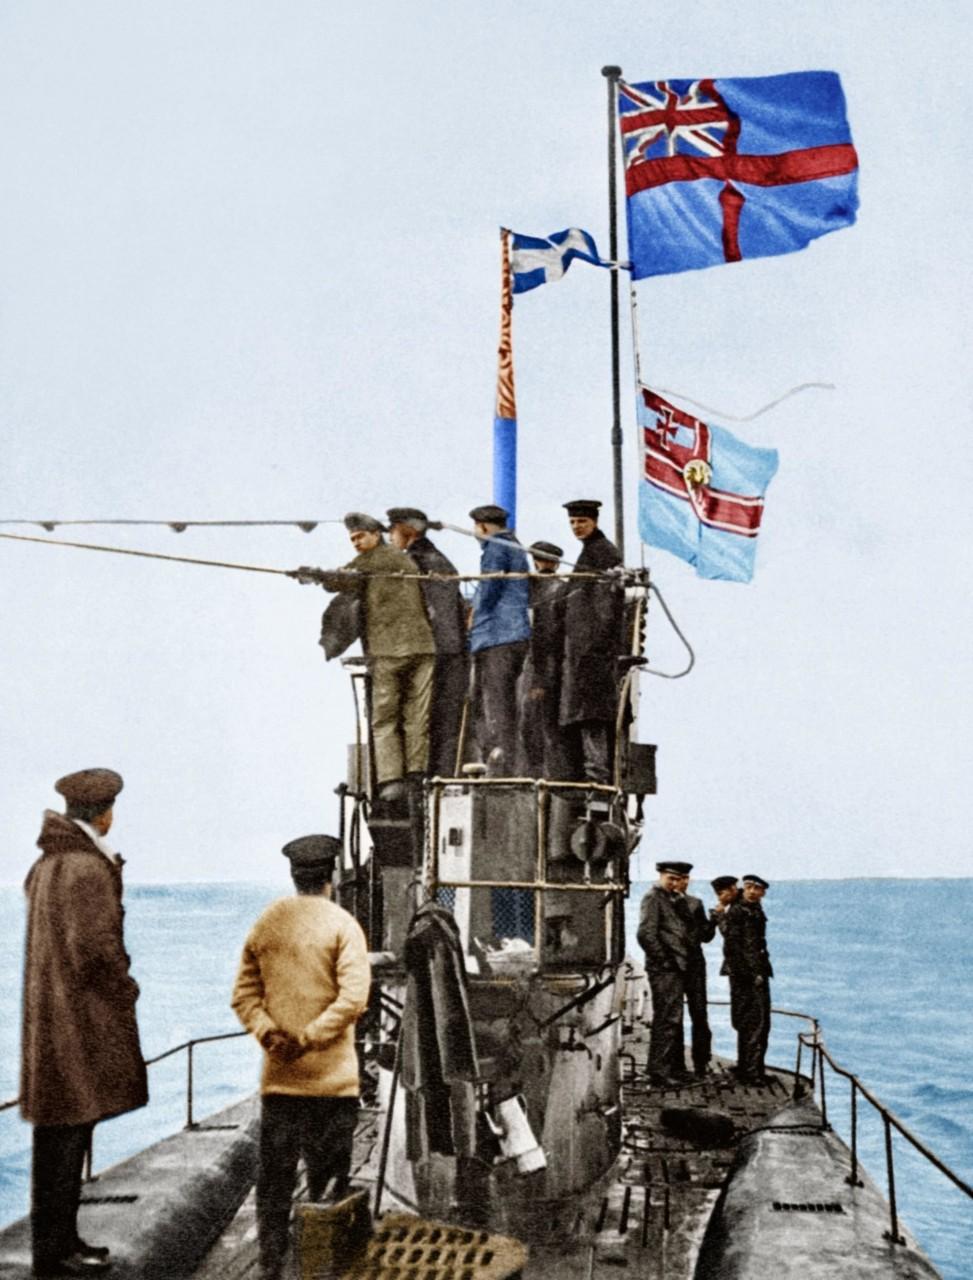 Взятие в плен немецкой подводной лодки U-48 Морским королевским флотом, Эссекс, Харвич, ноябрь 1918 г. архивное фото, колоризация, колоризация фотографий, колоризированные снимки, первая мировая, первая мировая война, фото войны